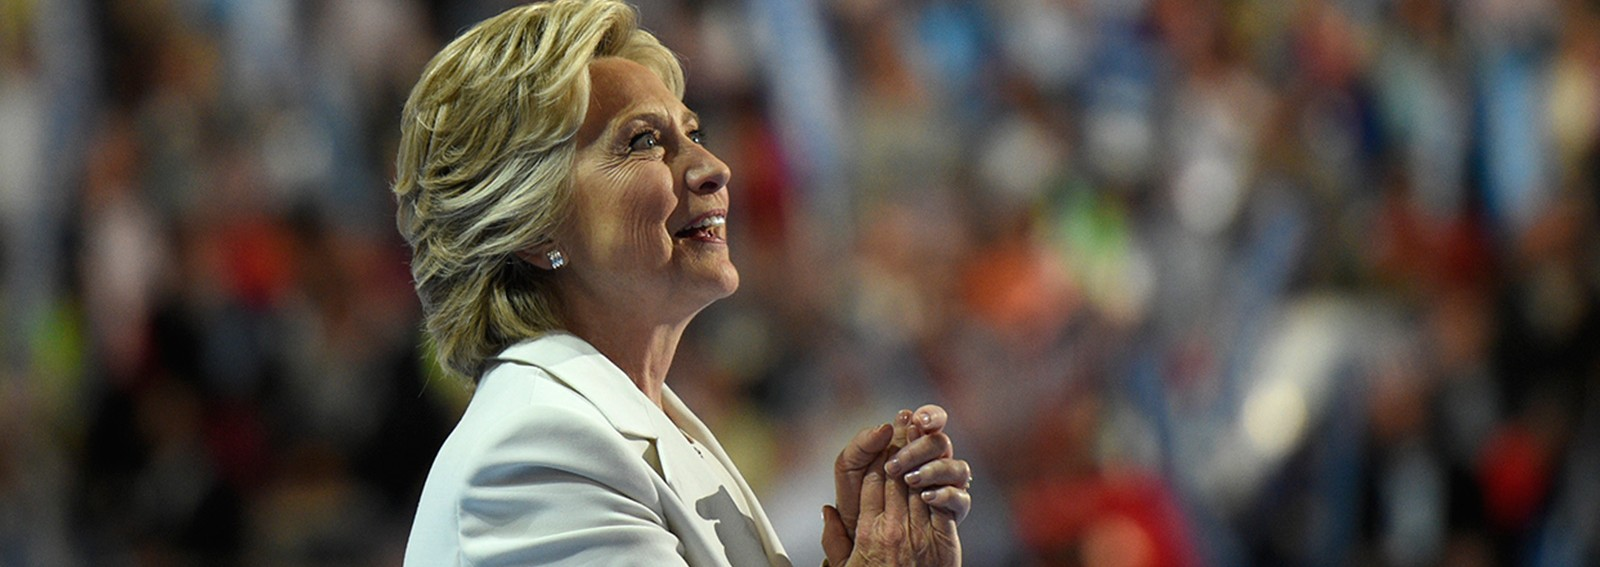 Watch highlights from Hillary Clinton's historic DNC speech